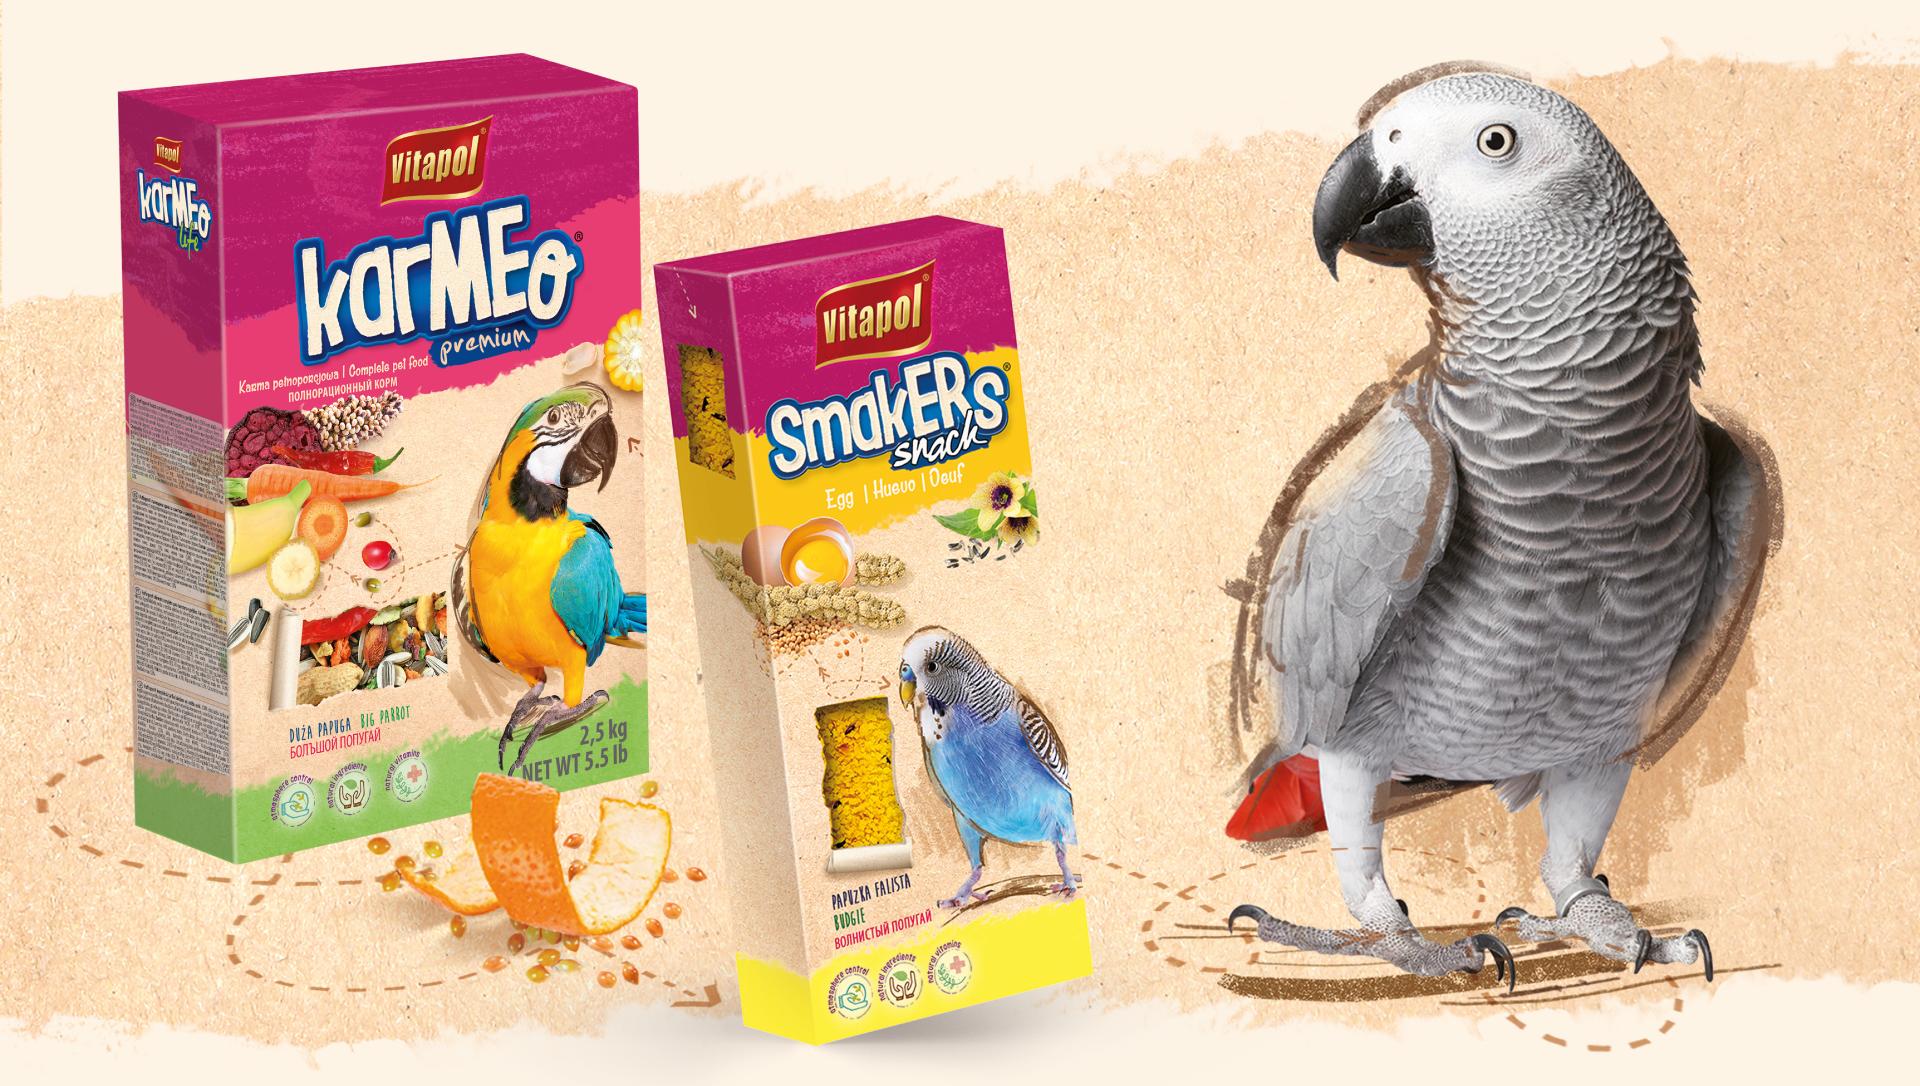 Karmeo Smakers - nowa karma dla zwierząt.